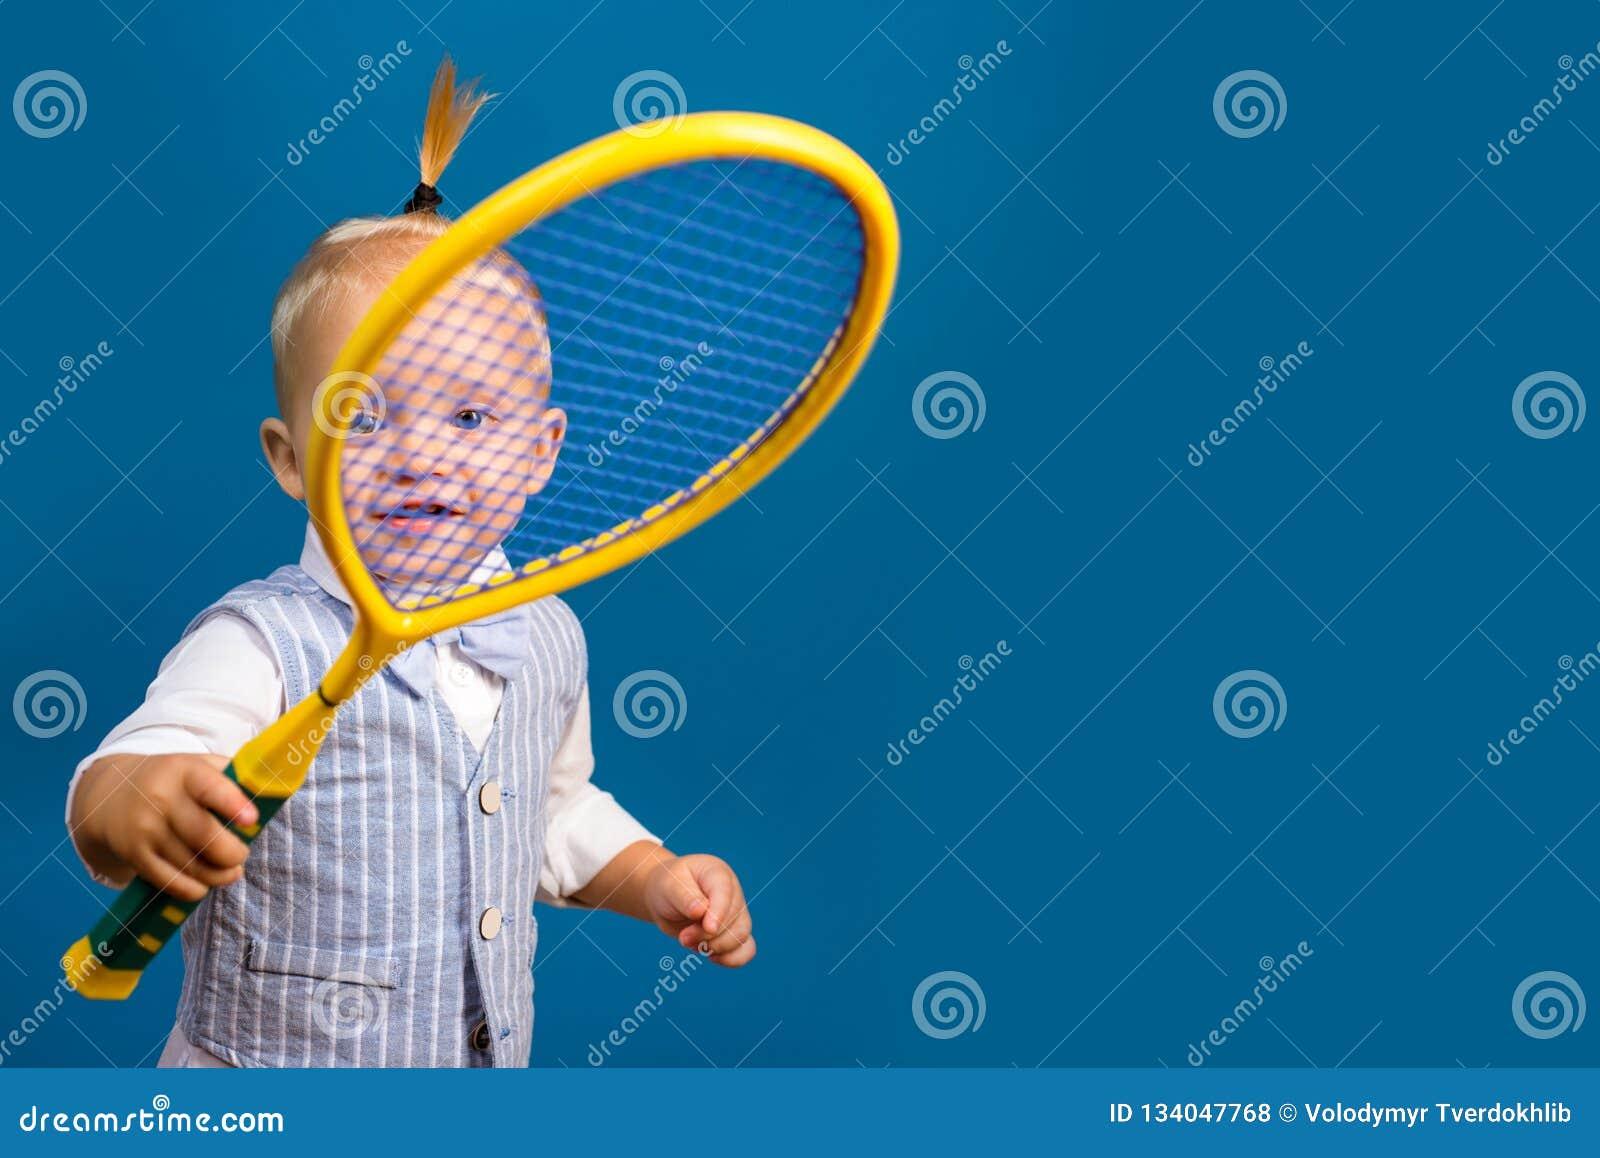 Śliczny i energiczny Mały sporta kochanek Uroczy małe dziecko z tenisowym kantem Aktywny szczęśliwy dziecko Mały tenis